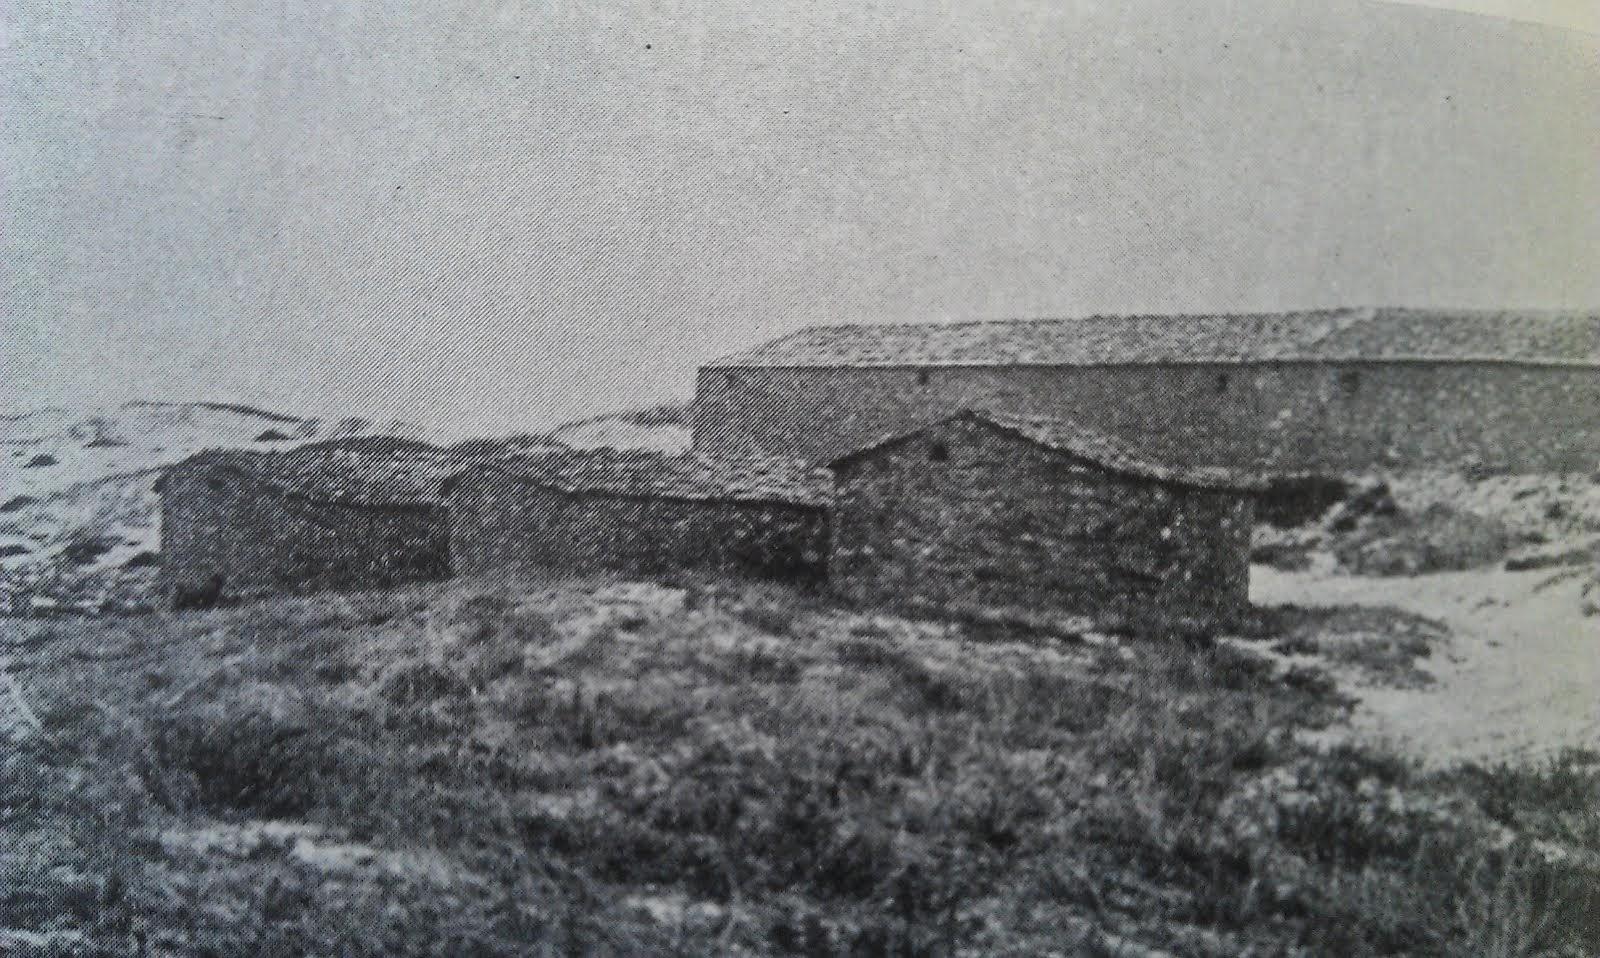 Fotografia do Antropólogo Etnólogo Jorge Dias